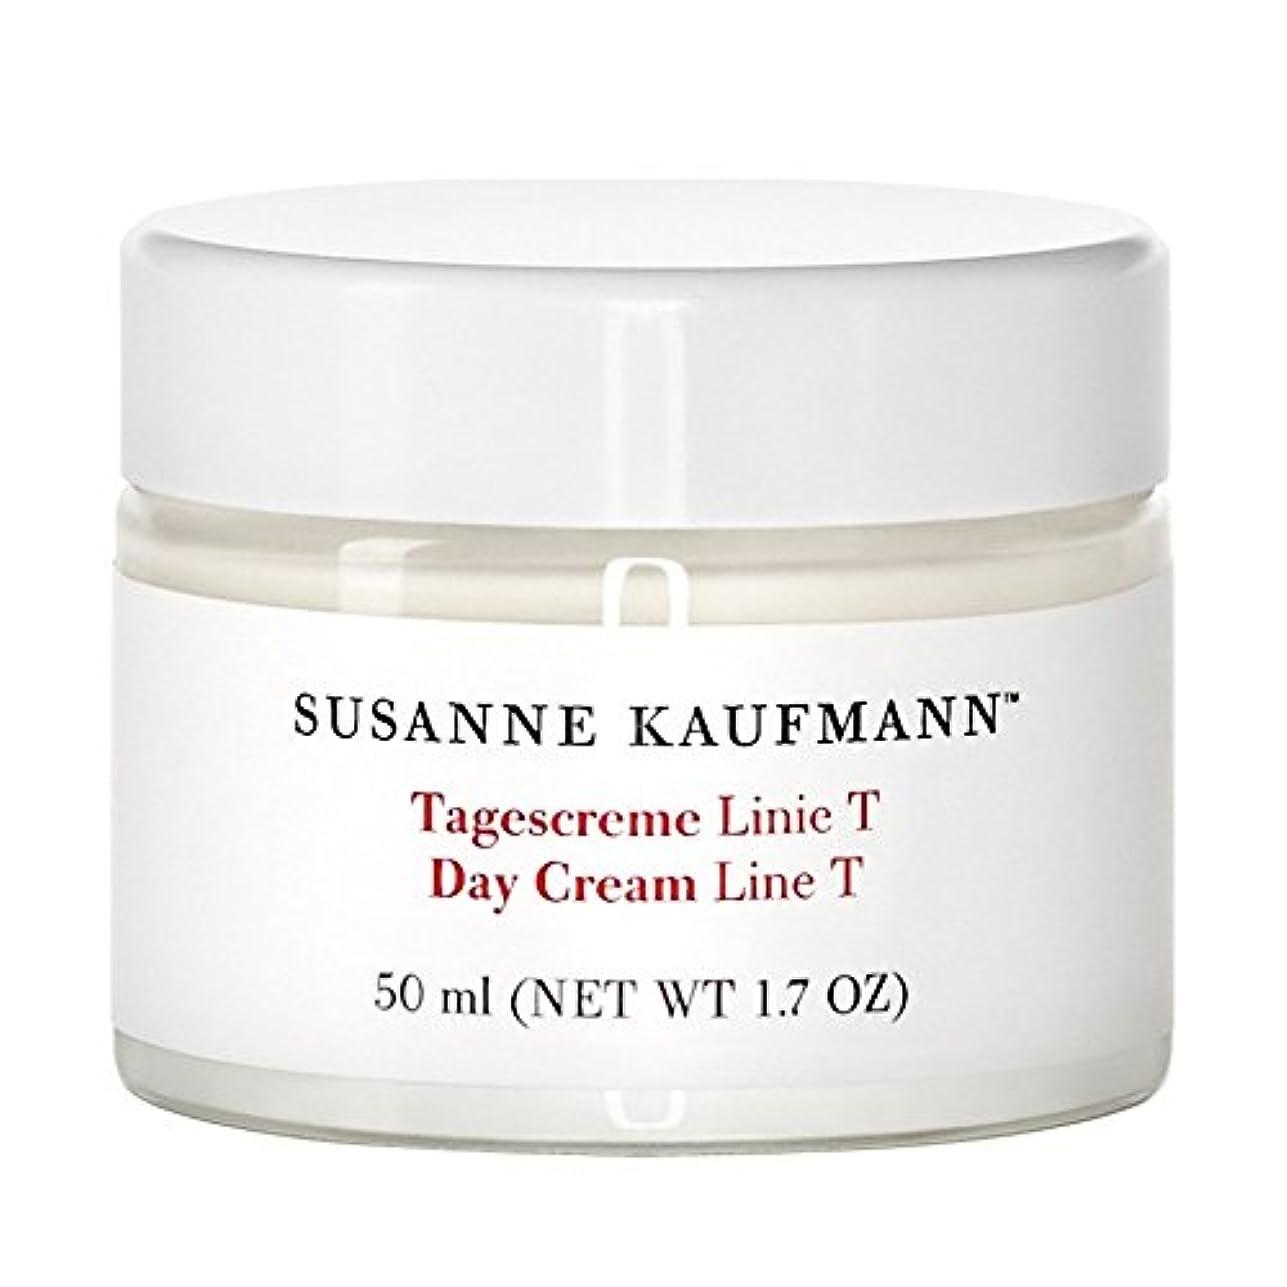 入手します失速簡略化するスザンヌカウフマン日クリームライントンの50ミリリットル x2 - Susanne Kaufmann Day Cream Line T 50ml (Pack of 2) [並行輸入品]